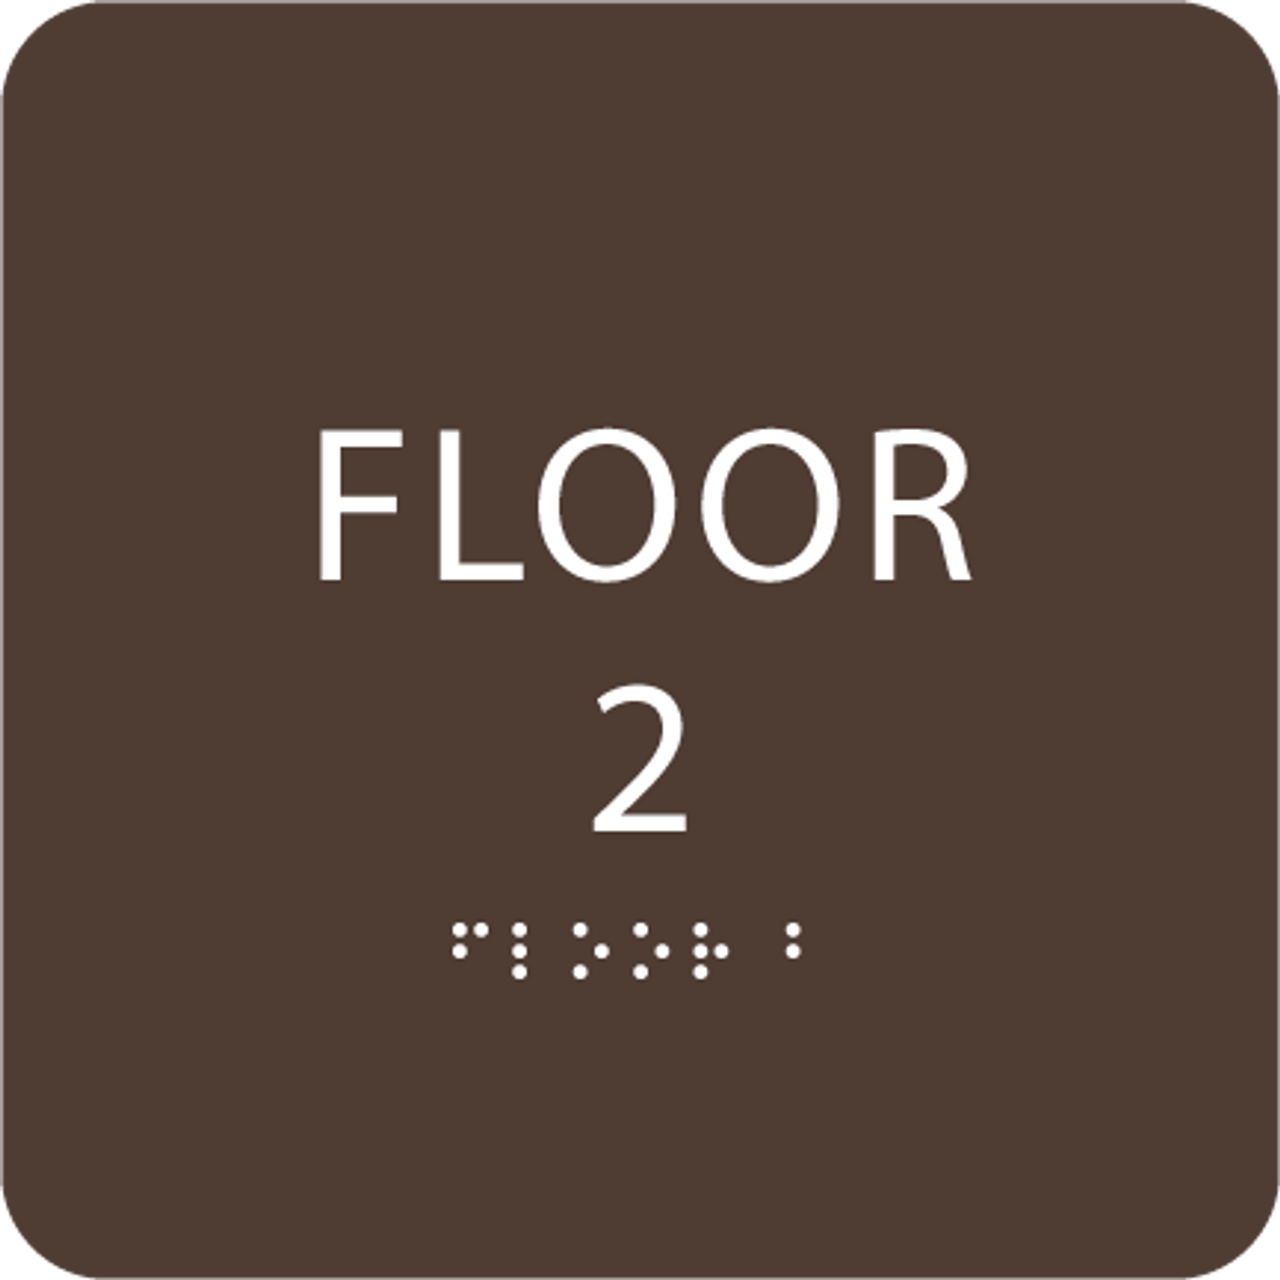 Dak Brown Floor 2 Identification Sign